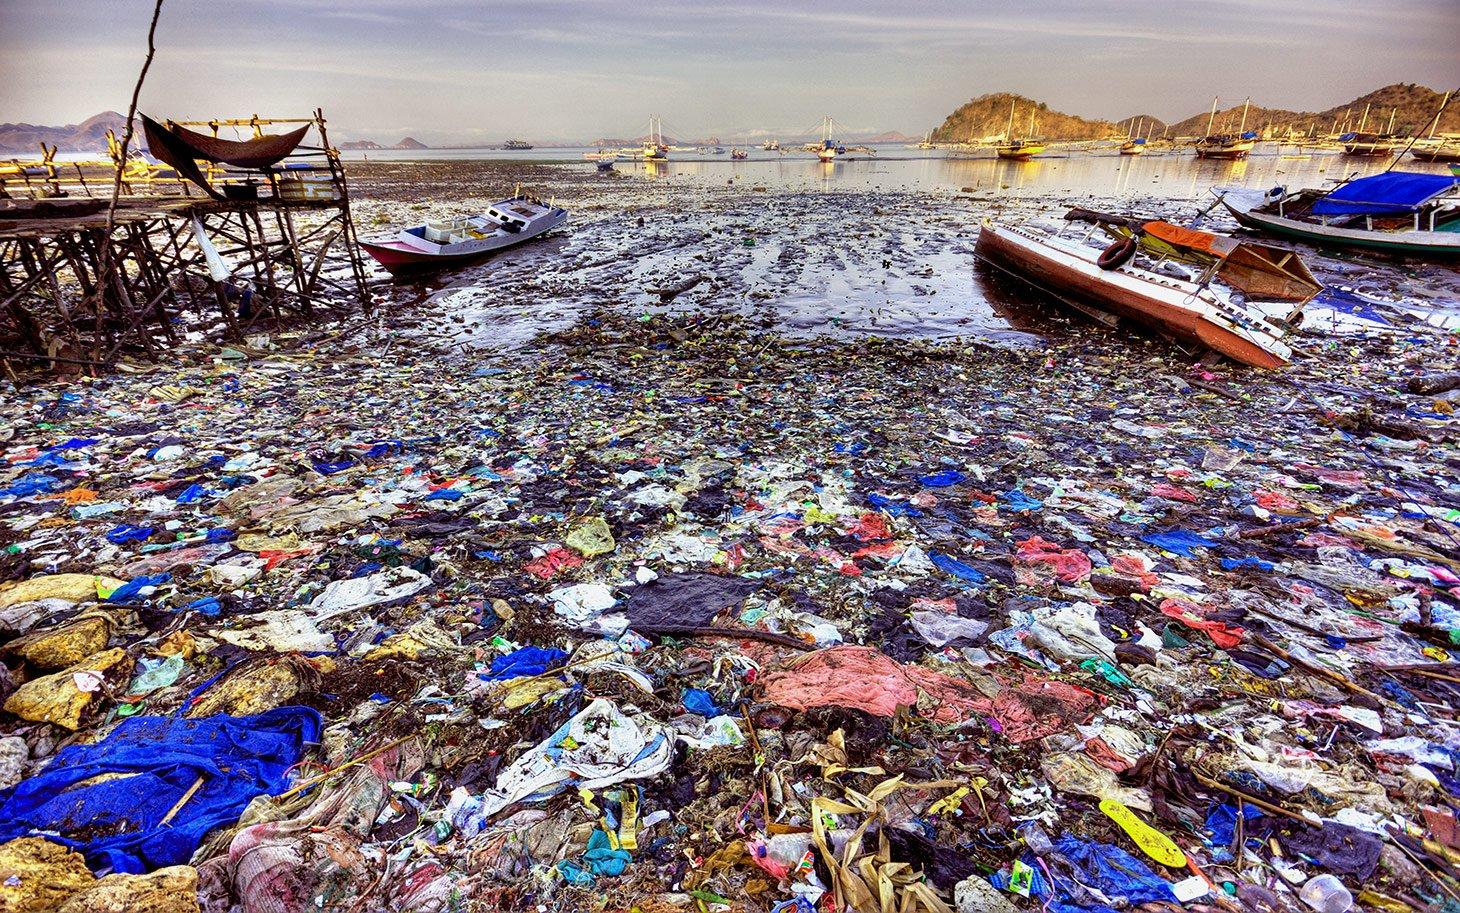 Картинки о проблемах мирового океана